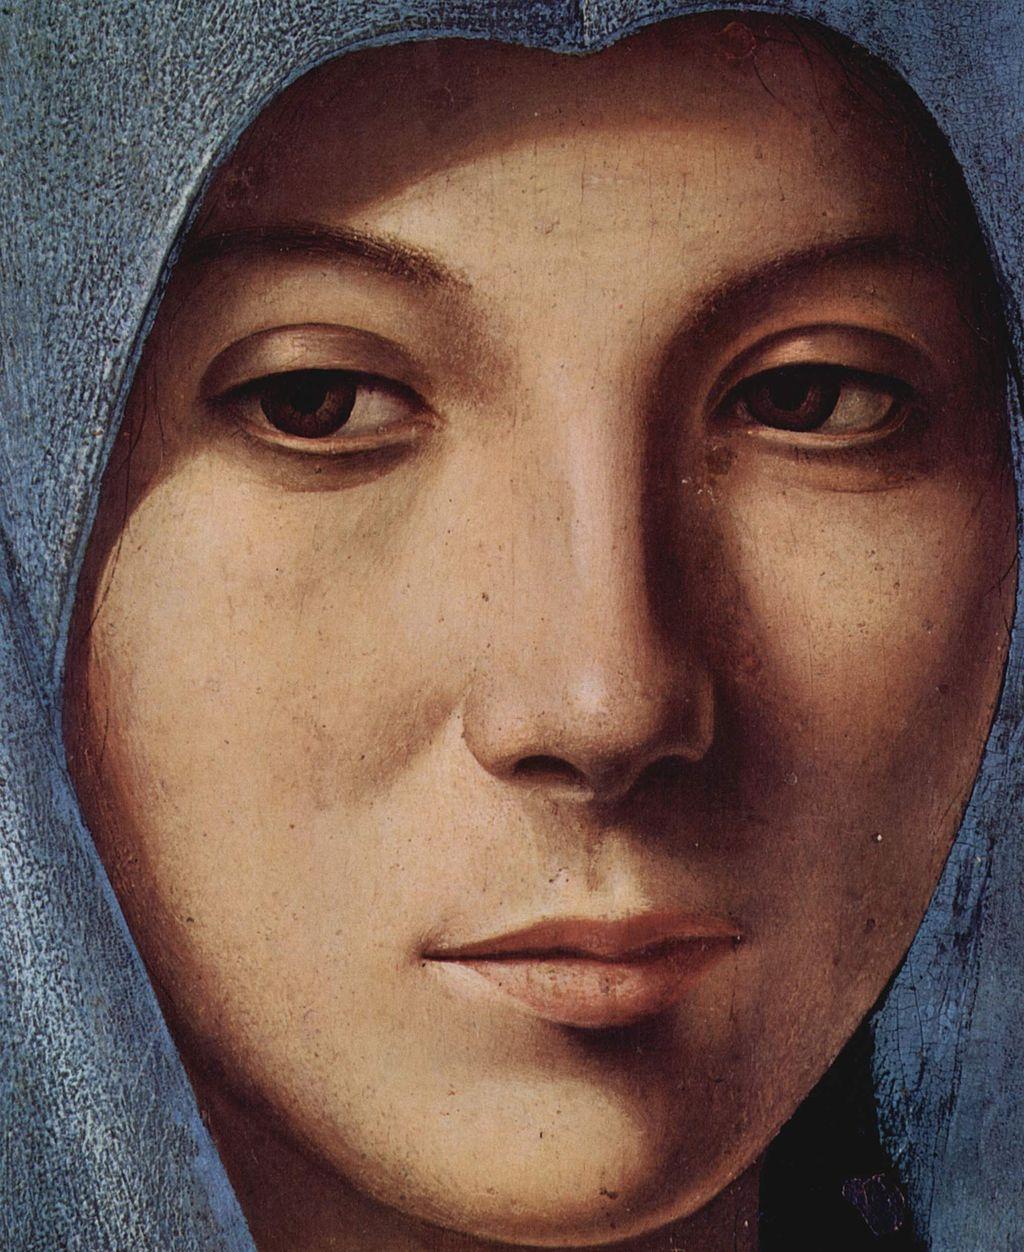 Antonello da Messina (1430–1479), Annunziata di Palermo, 1476 circa, olio su tavola, 45×34,5 cm, Palermo, Galleria regionale della Sicilia di Palazzo Abatellis